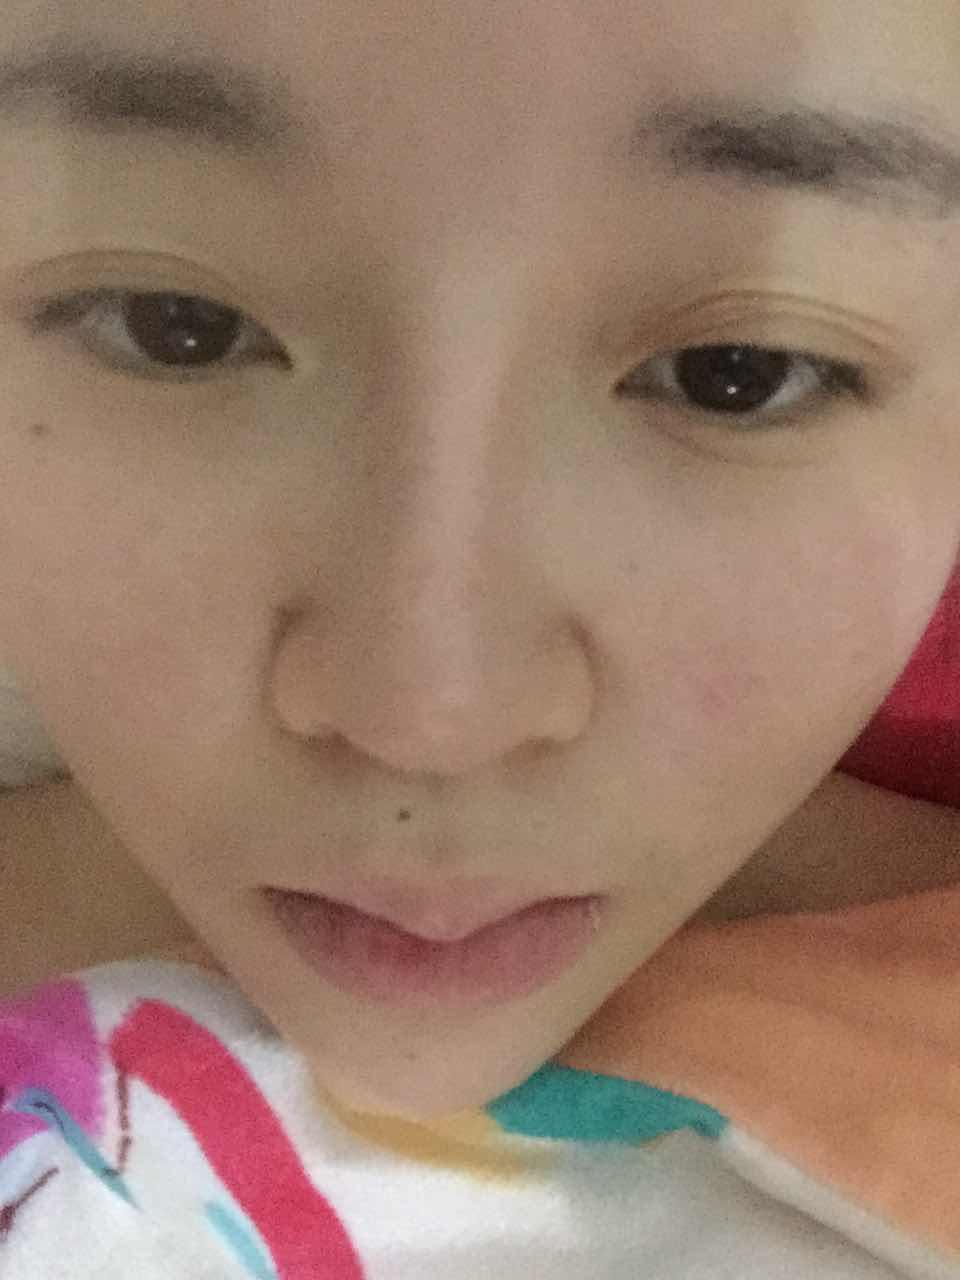 三层眼皮是怎么回事,可以重新做双眼皮矫正吗?